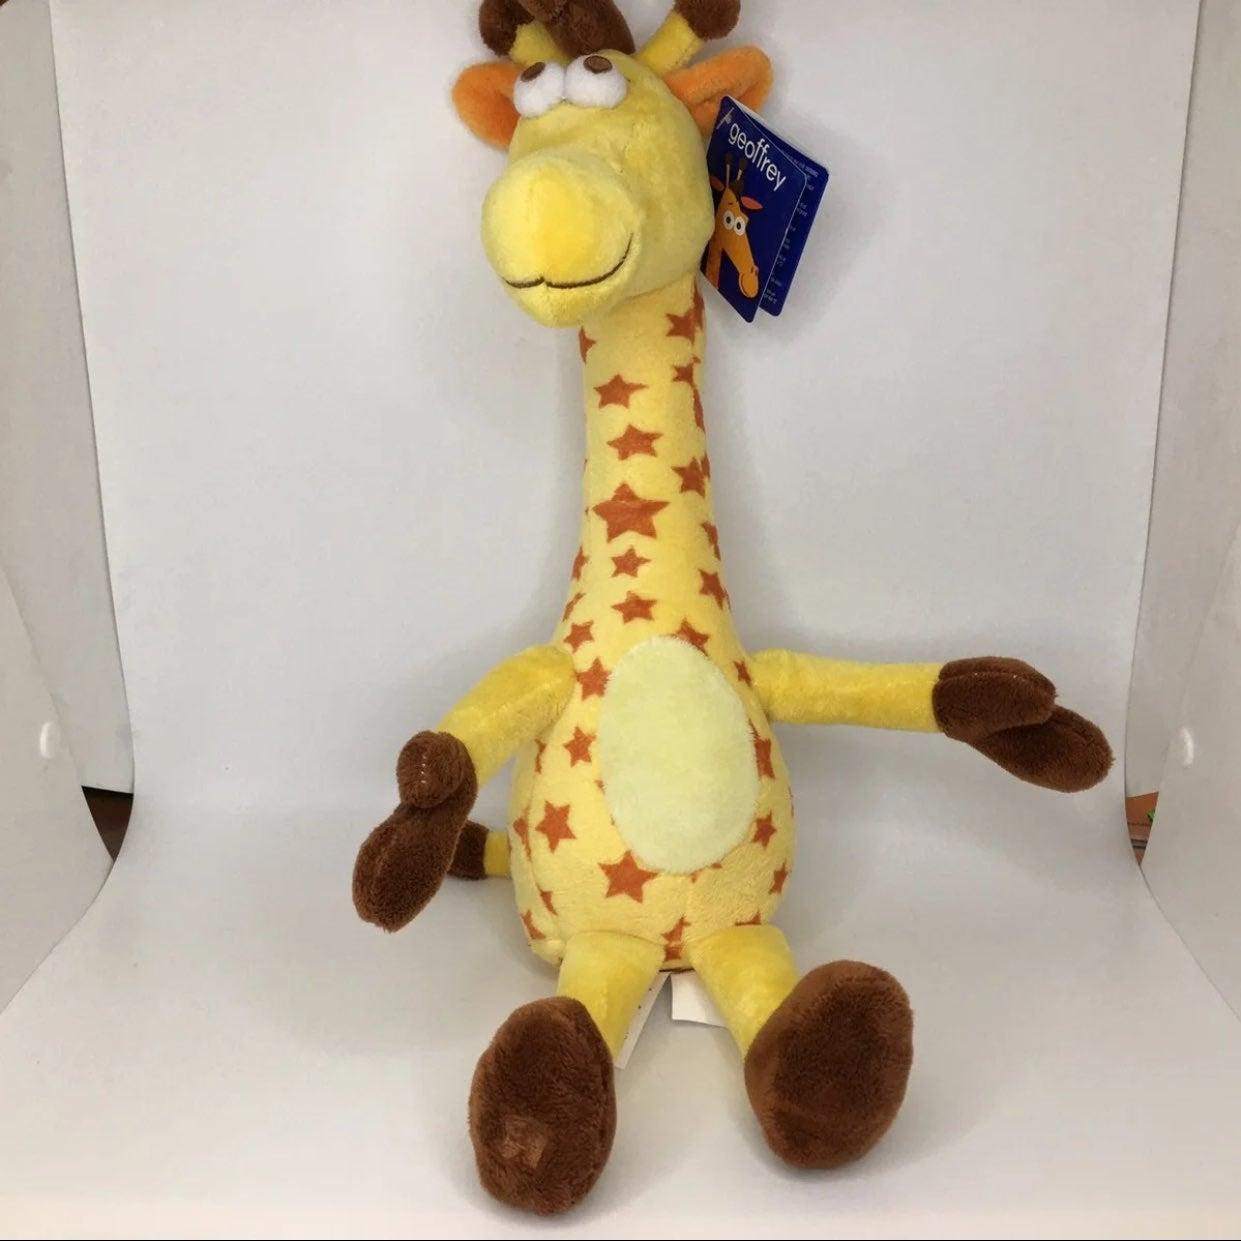 GEOFFREY the Giraffe Toys R Us Plush